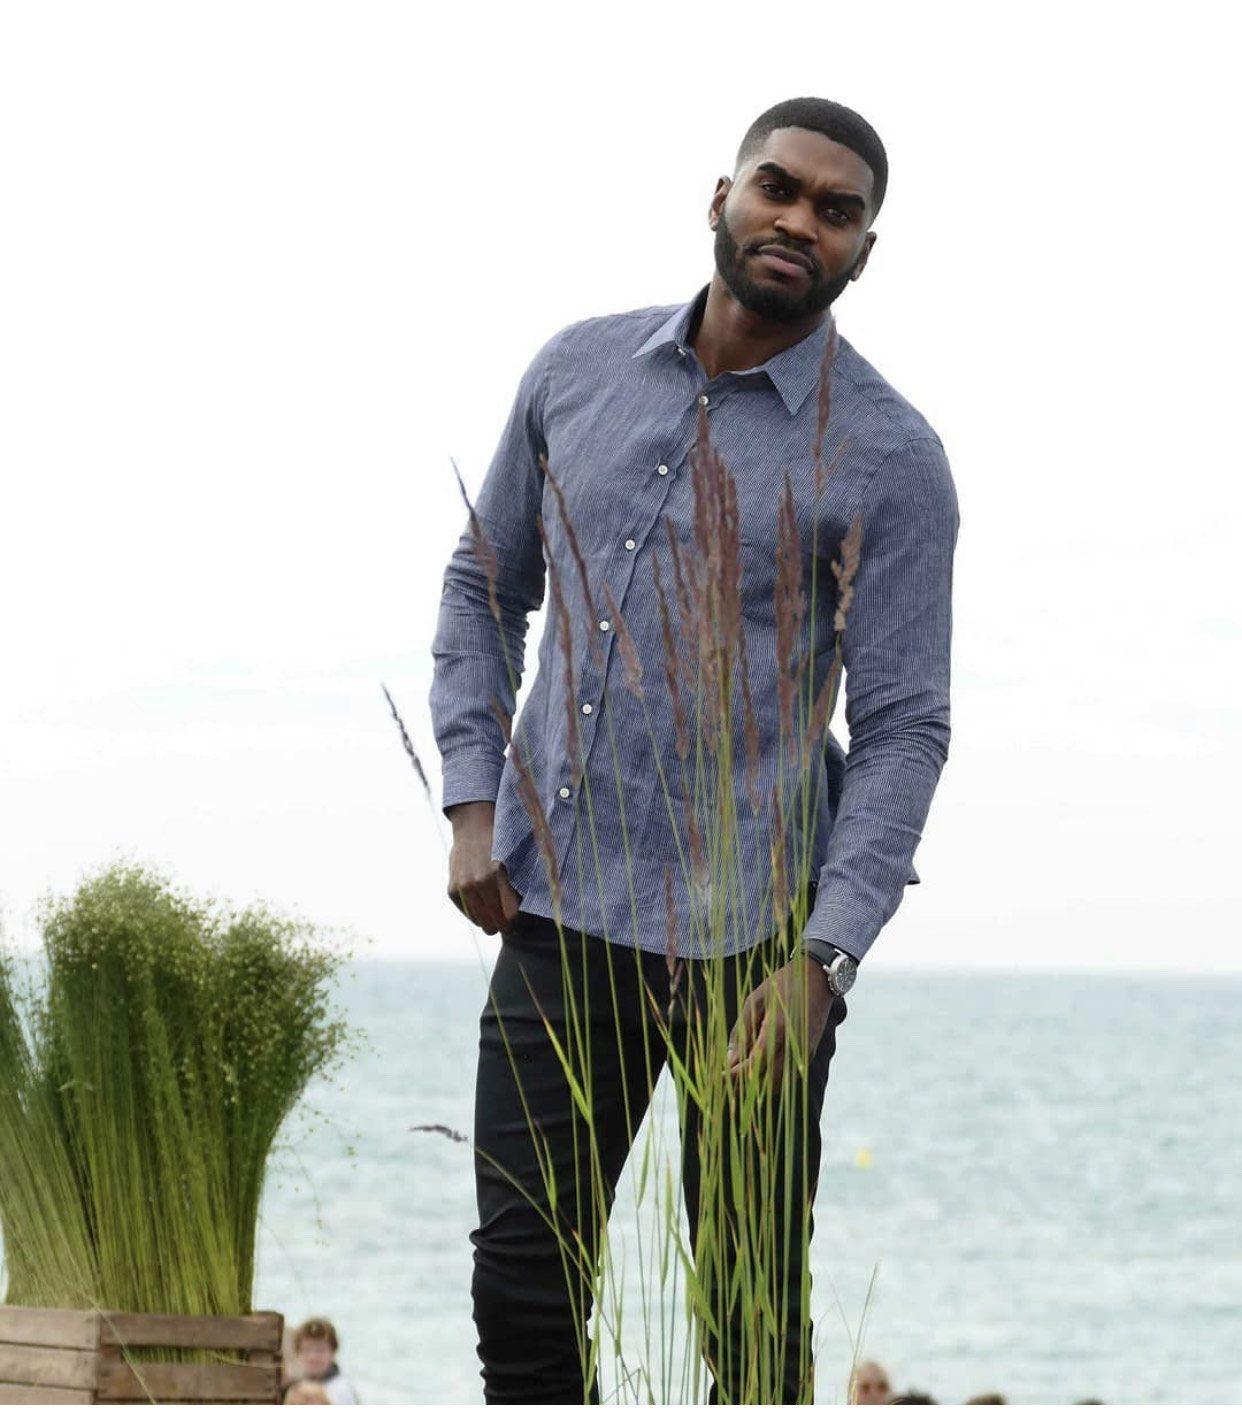 Histon project chemise en lin porte sur mannequin homme face a la mer